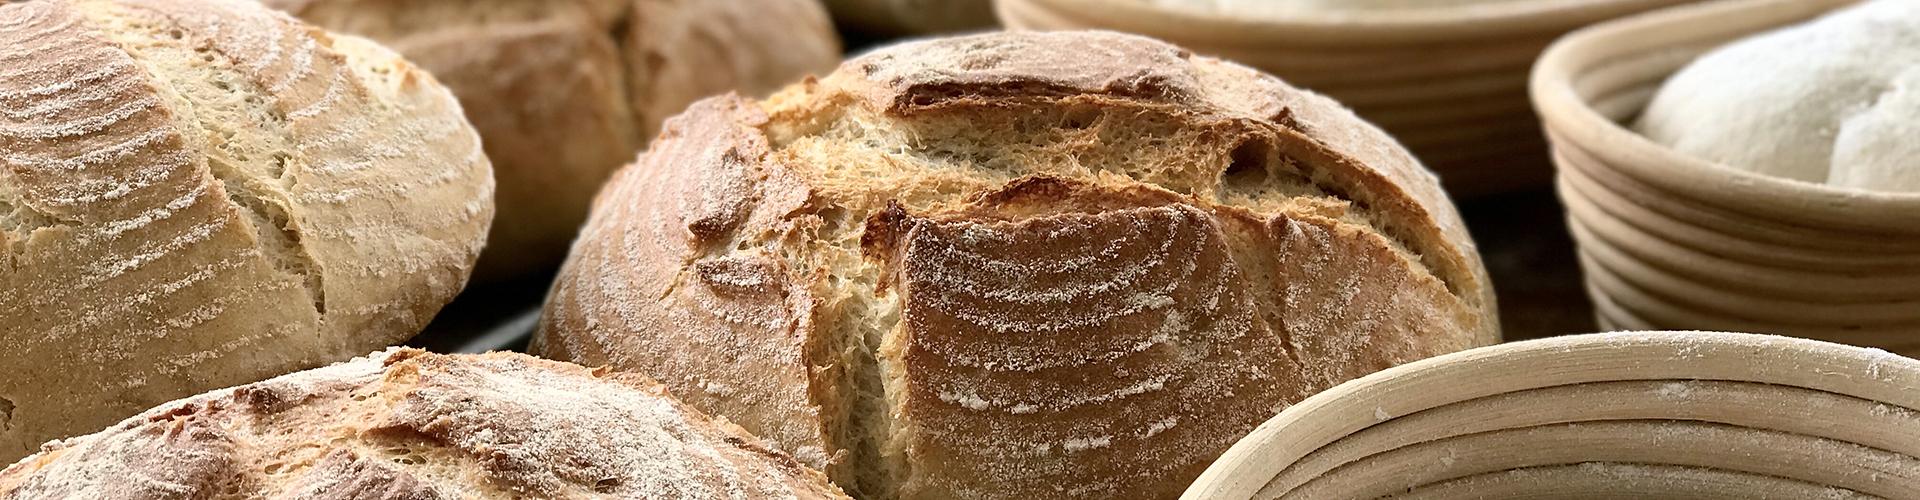 Marije gebakken ambachtelijk brood